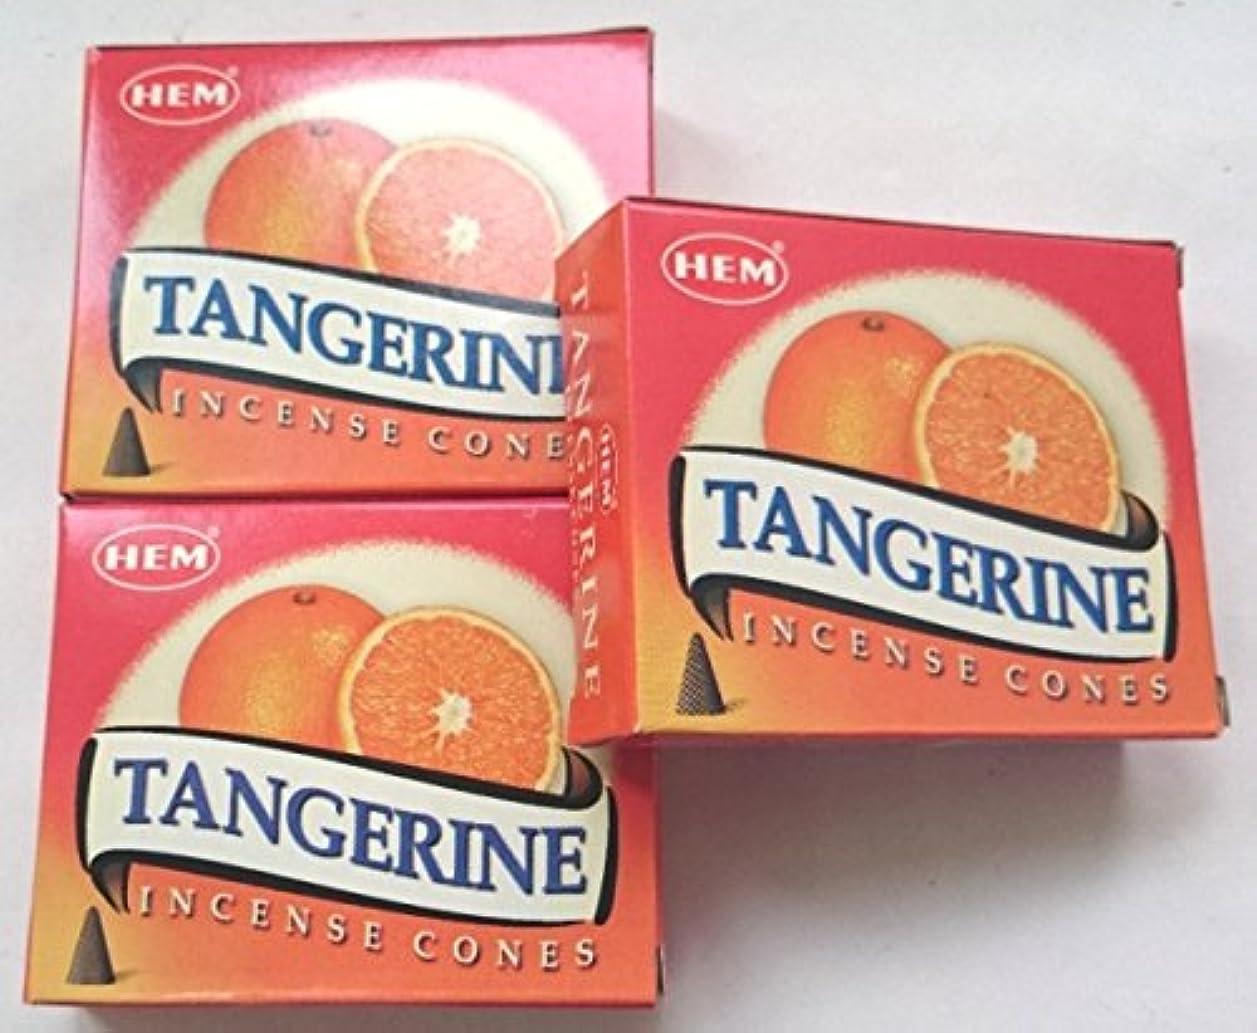 有能なビジョンいらいらするHEM(ヘム)お香 タンジェリン(オレンジ) コーン 3個セット